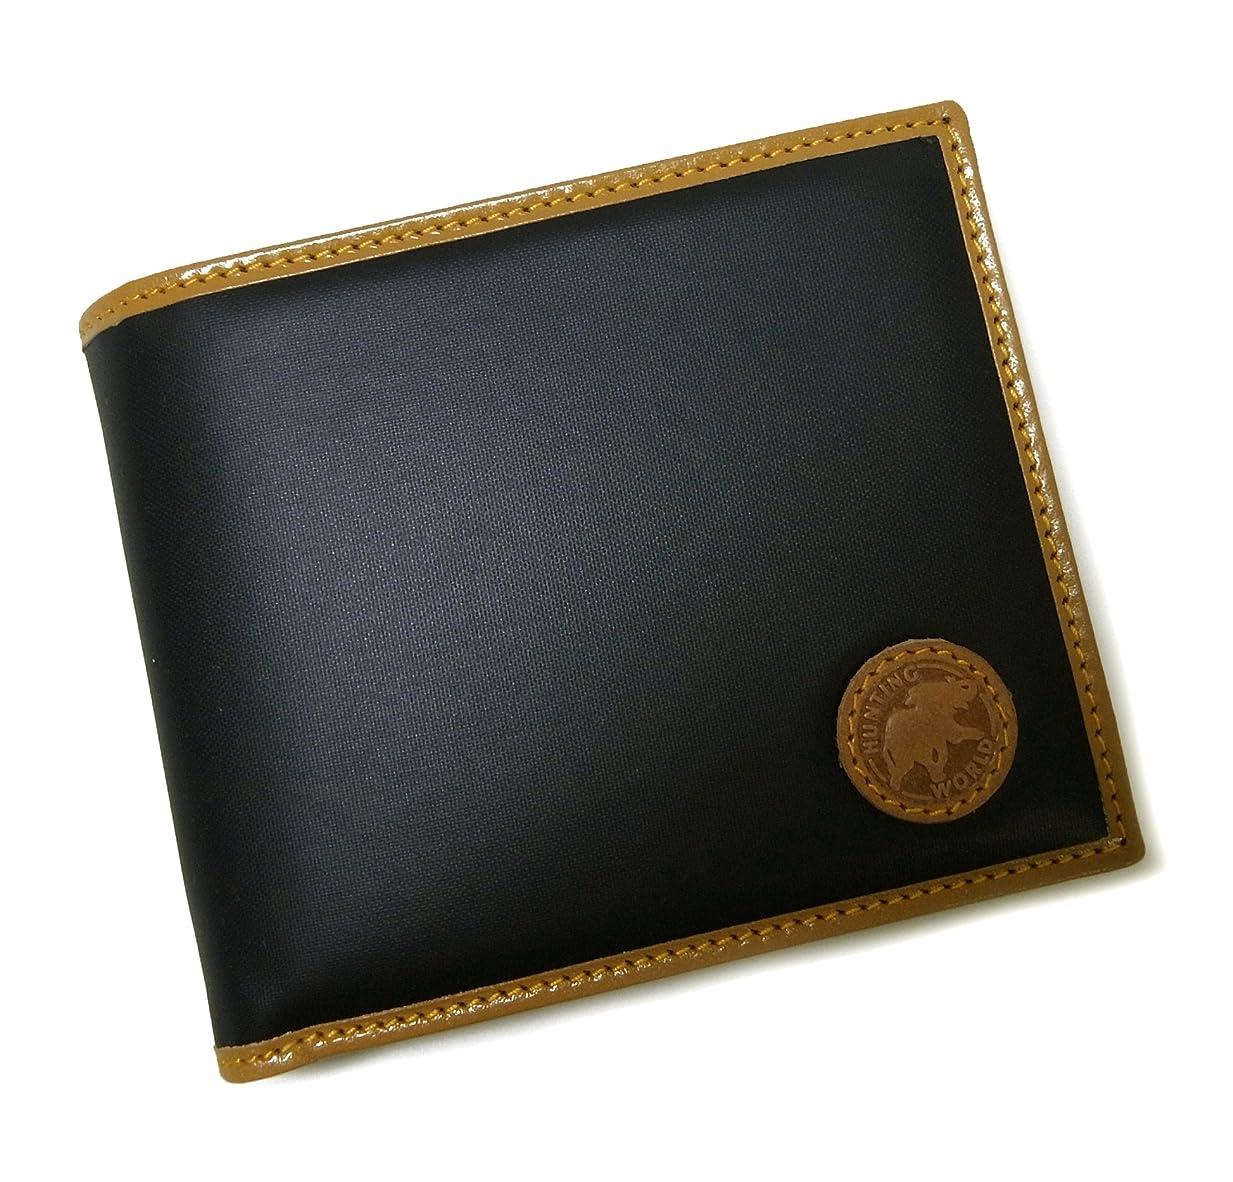 適合するインカ帝国剪断財布 バチュー BATTUE ORIGIN 二つ折 (ネイビー×ナチュラル) HW-480F [並行輸入品]